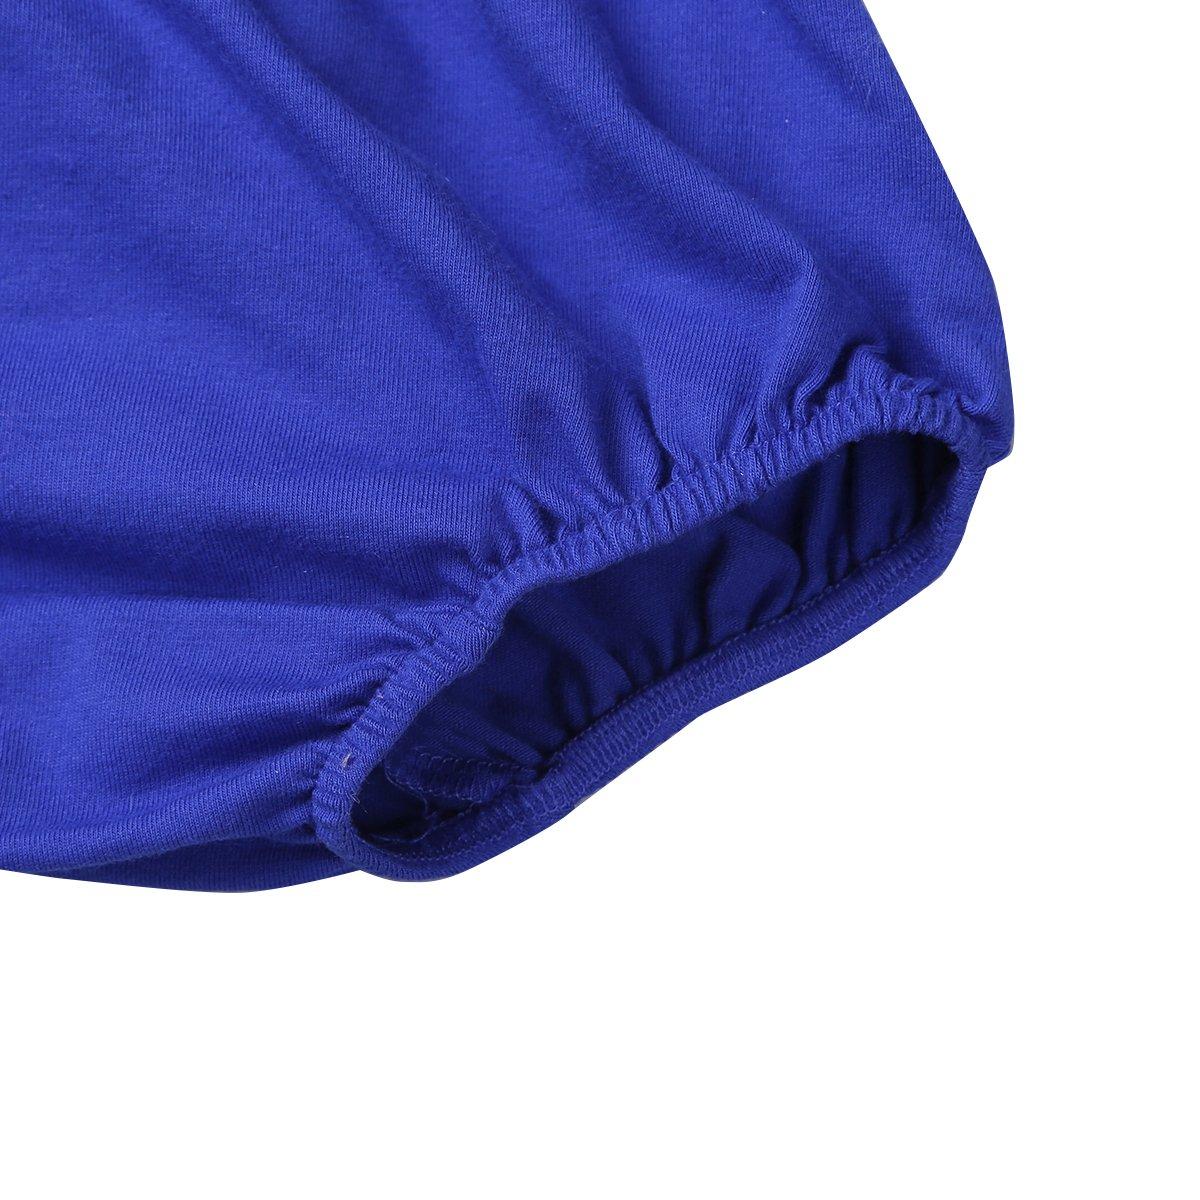 iiniim B/éb/é Gar/çon Naissance sous-v/êtements Bloomers Culotte Couvre-Couche Coton avec Cravate Accessoire de Prop Photographie Couleur Unie 12-18 Mois